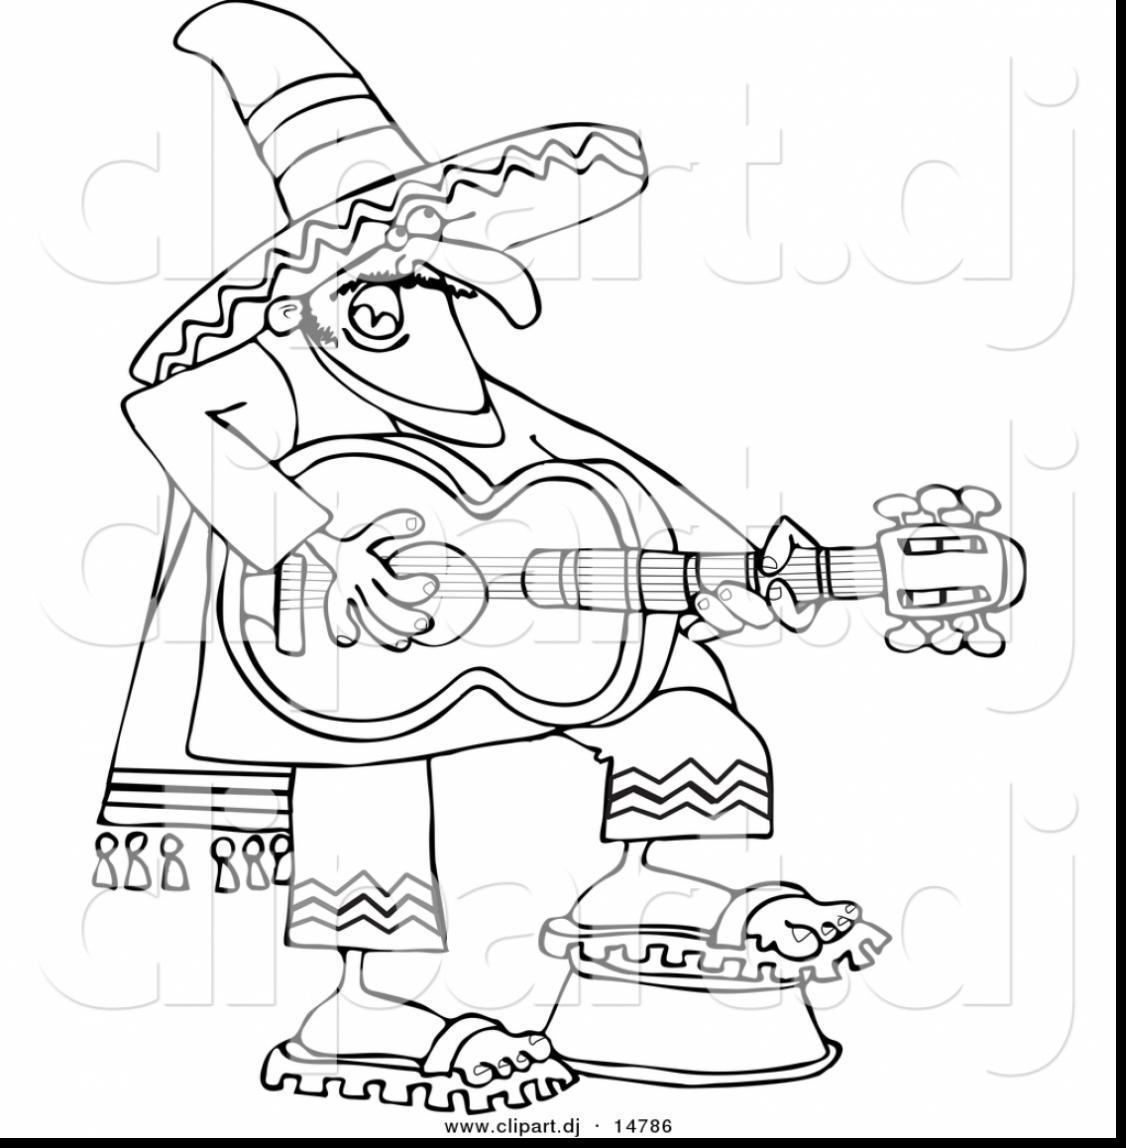 1126x1148 Mexican Sombrero Coloring Page